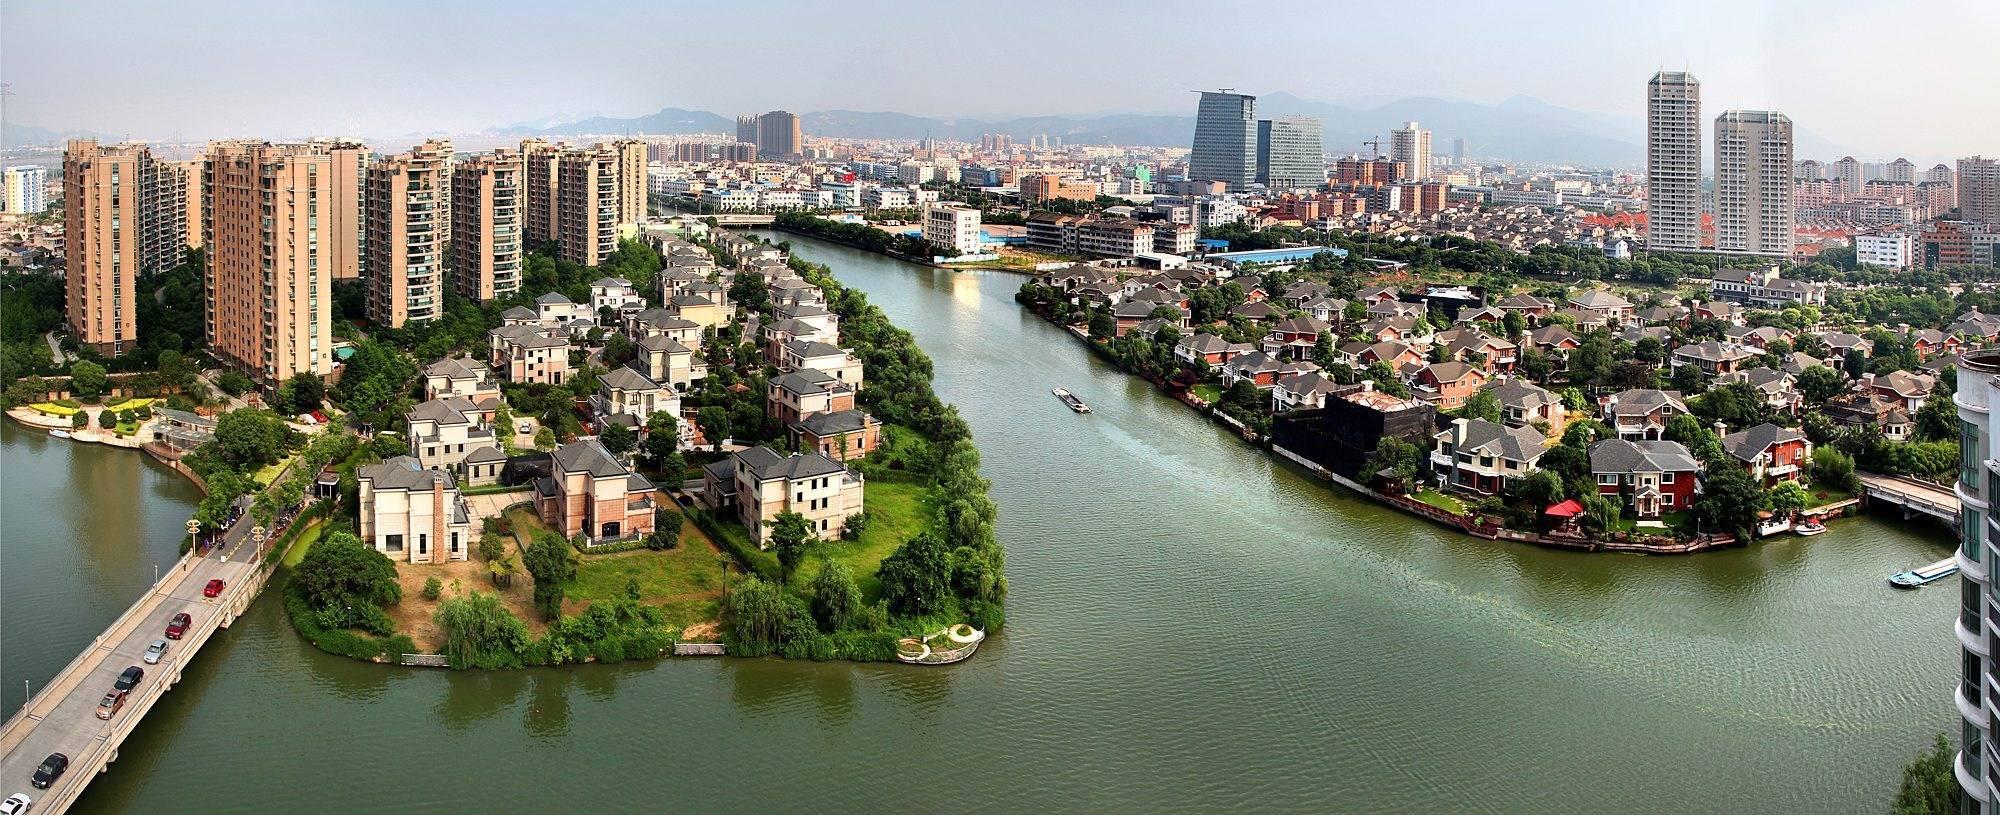 """浙江这最该""""眼红""""的城市:周边城市不断雄起,自身却驻足三线"""